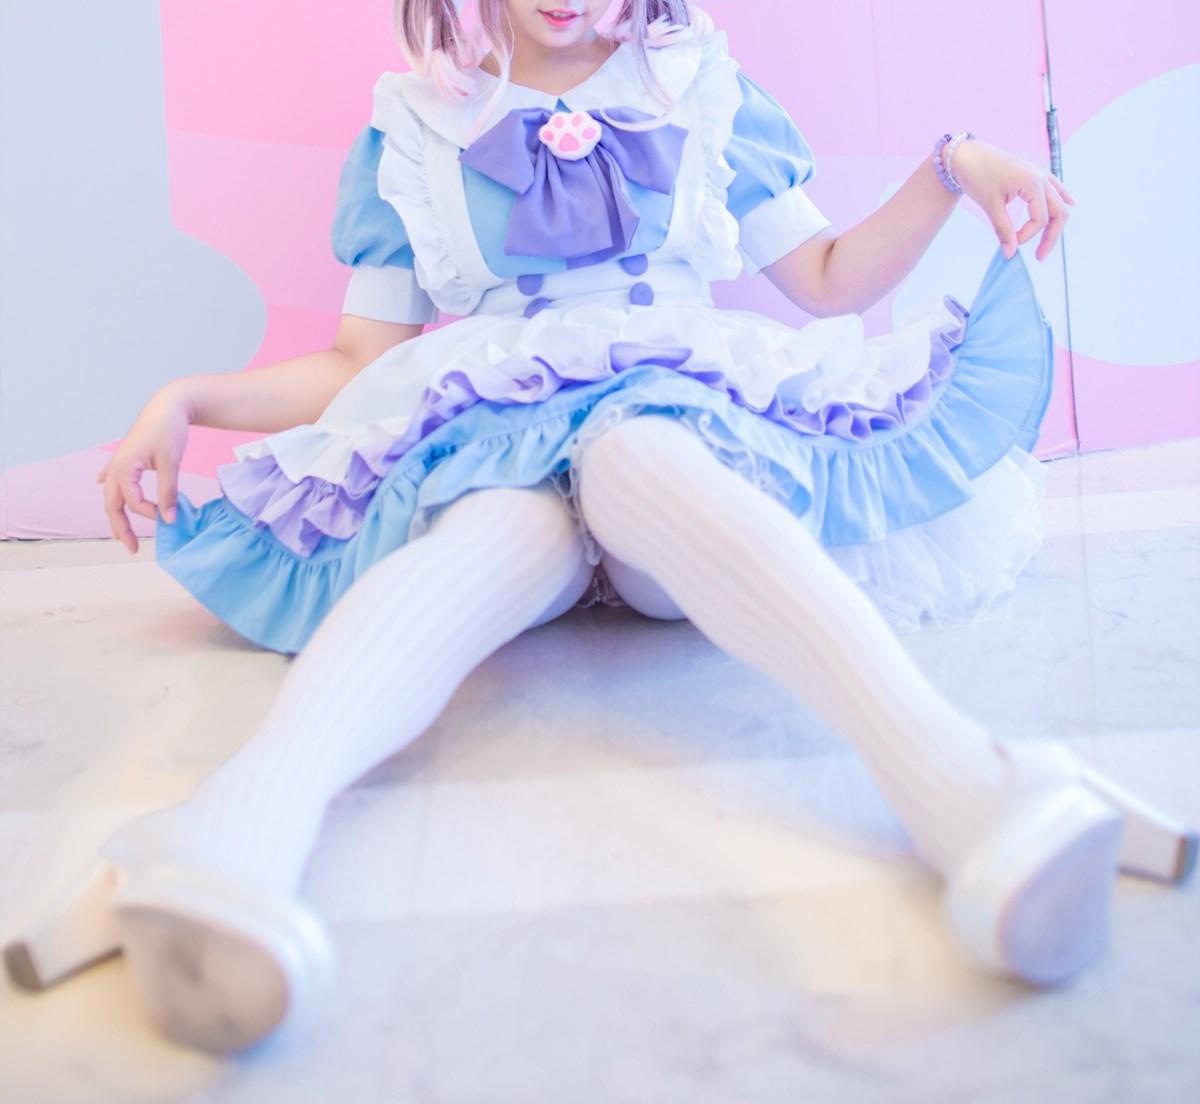 【兔玩映画】小软裙 兔玩映画 第33张